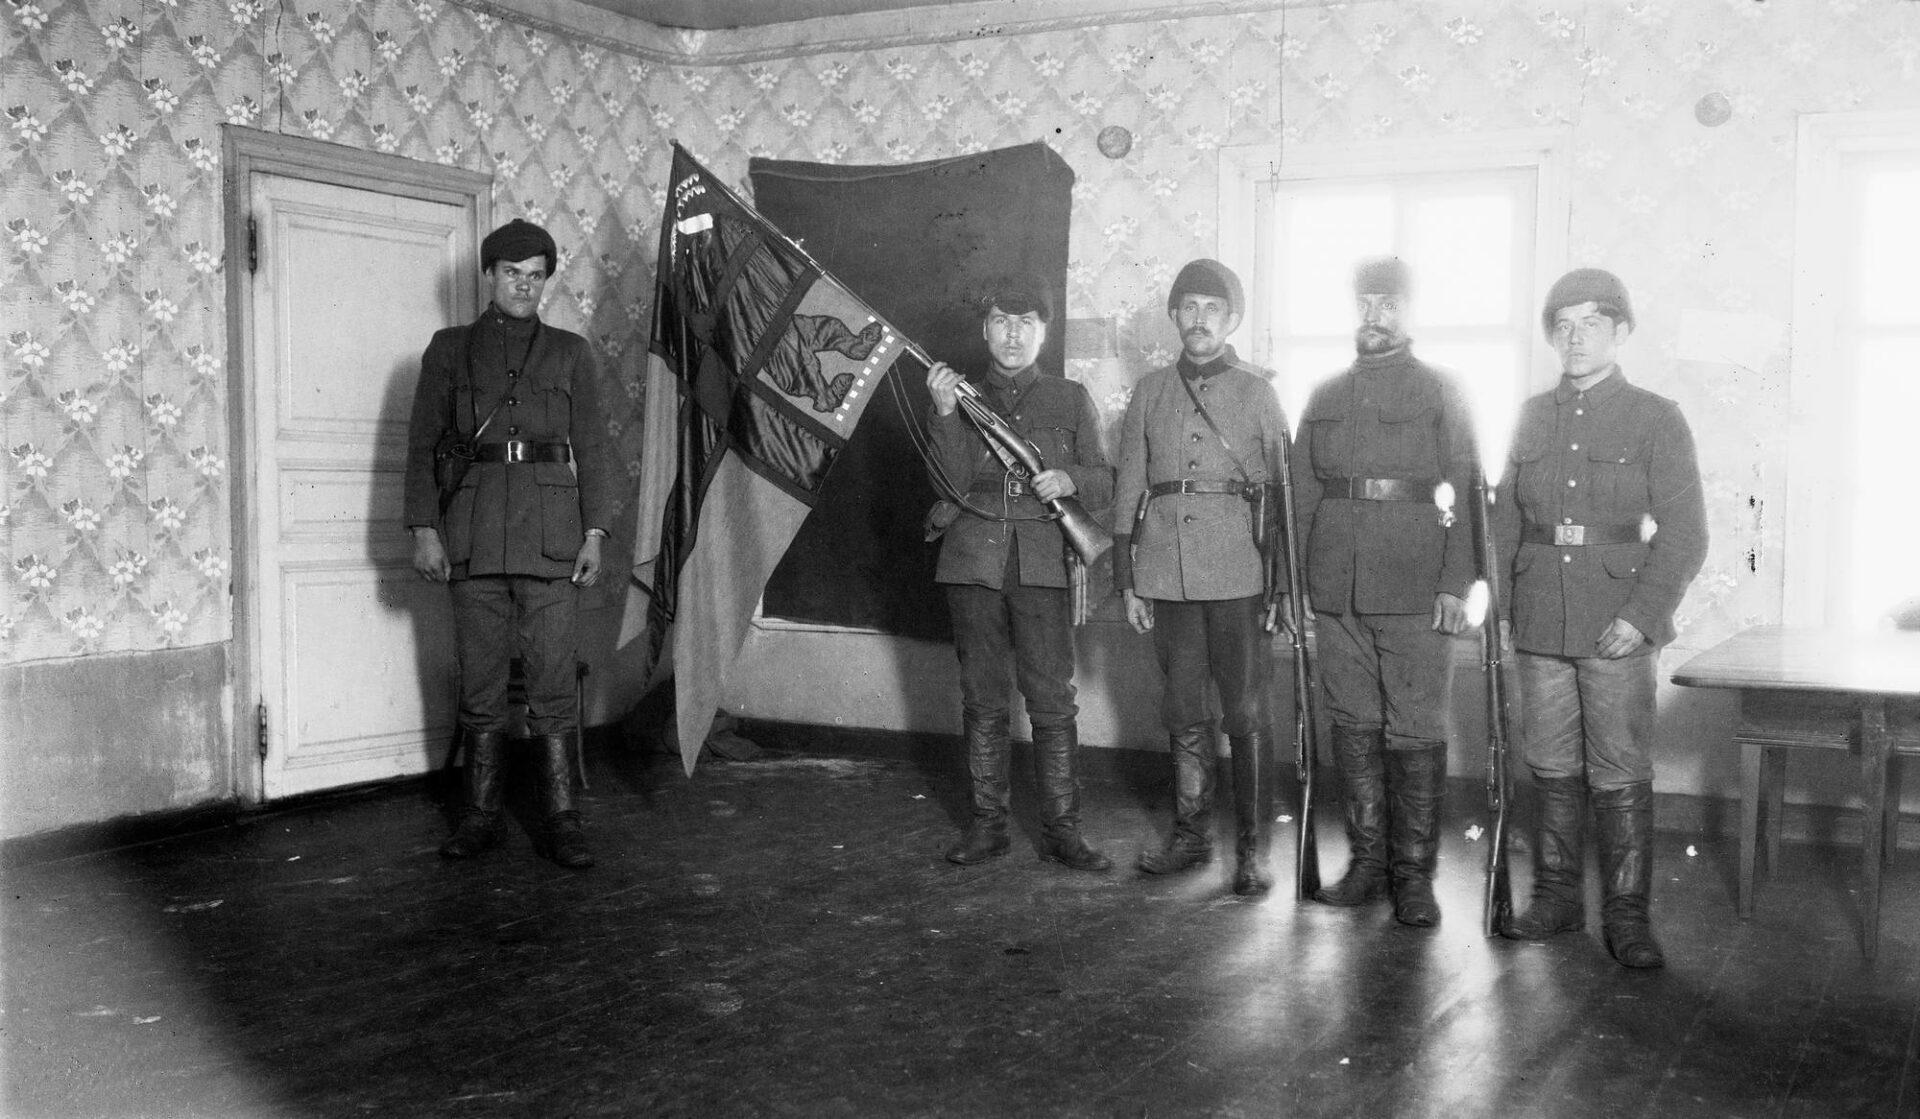 Metsäsissien lippuvartio Aunuksella vuonna 1921 tai 1922. Itä-Karjalan sotalipun suunnitteli Akseli Gallen-Kallela.